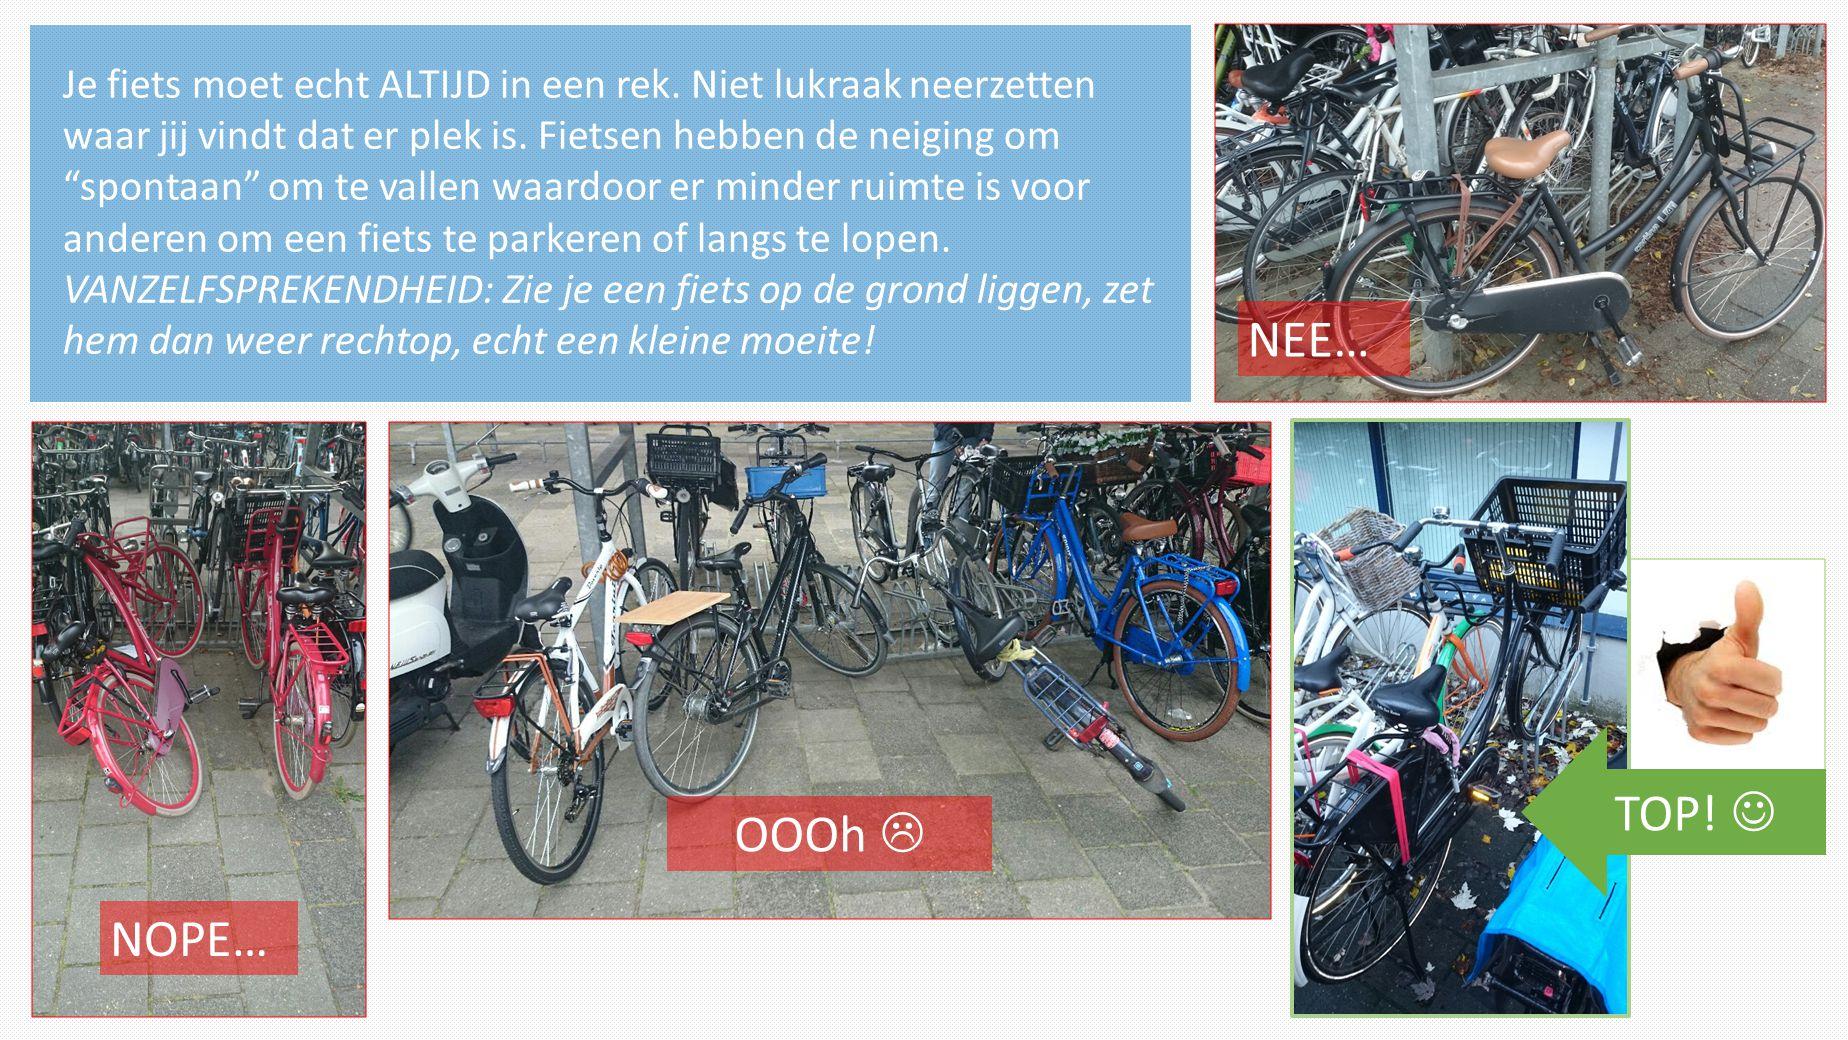 """Je fiets moet echt ALTIJD in een rek. Niet lukraak neerzetten waar jij vindt dat er plek is. Fietsen hebben de neiging om """"spontaan"""" om te vallen waar"""